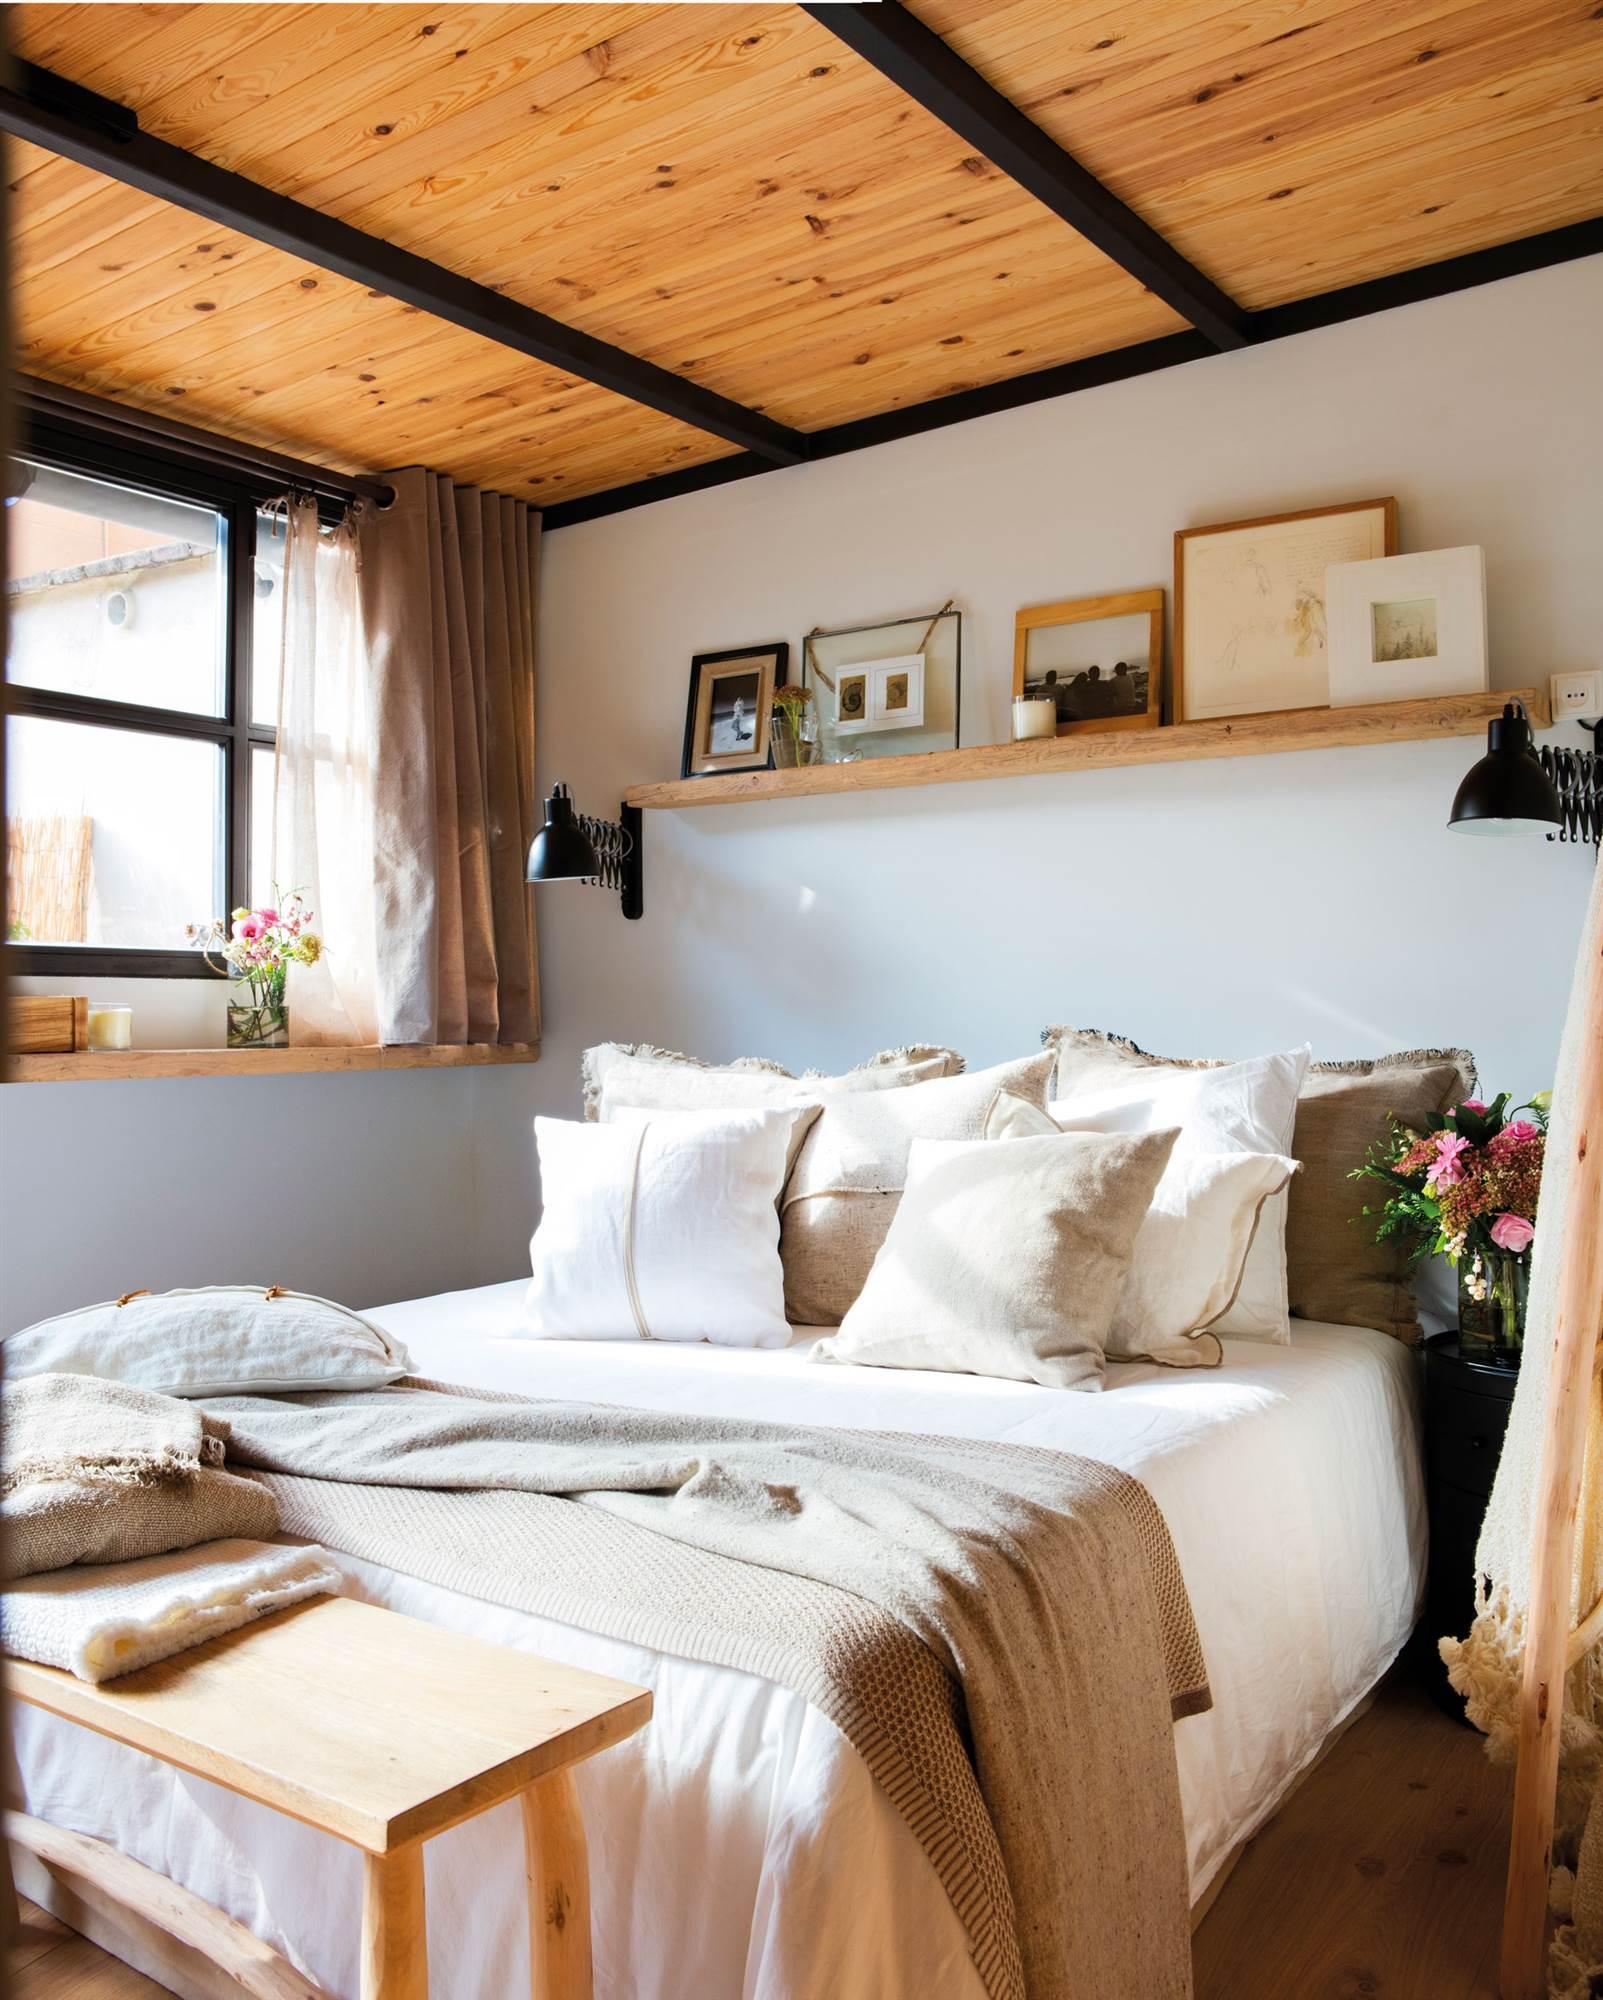 25 dormitorios modernos estilo el mueble - Dormitorios en blanco y madera ...